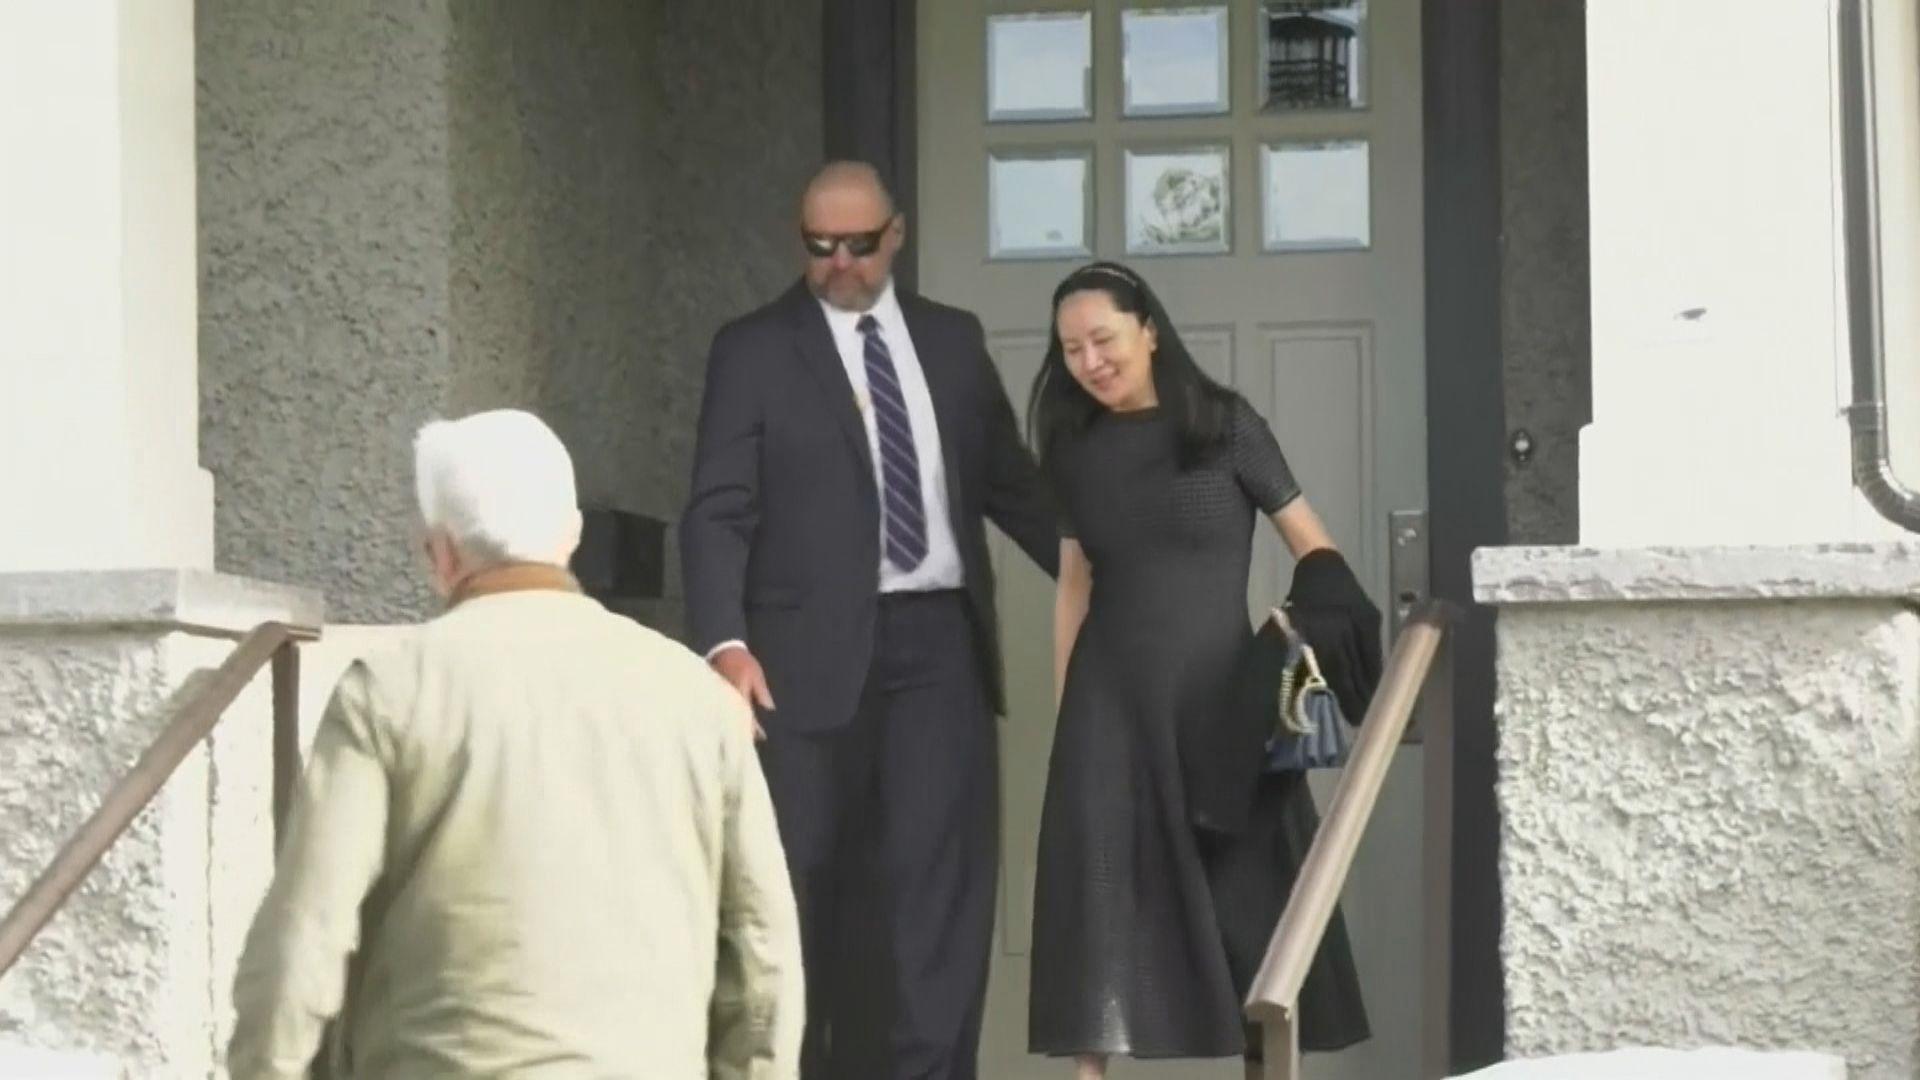 【華為風波】華為向加拿大法院申請中止引渡孟晚舟